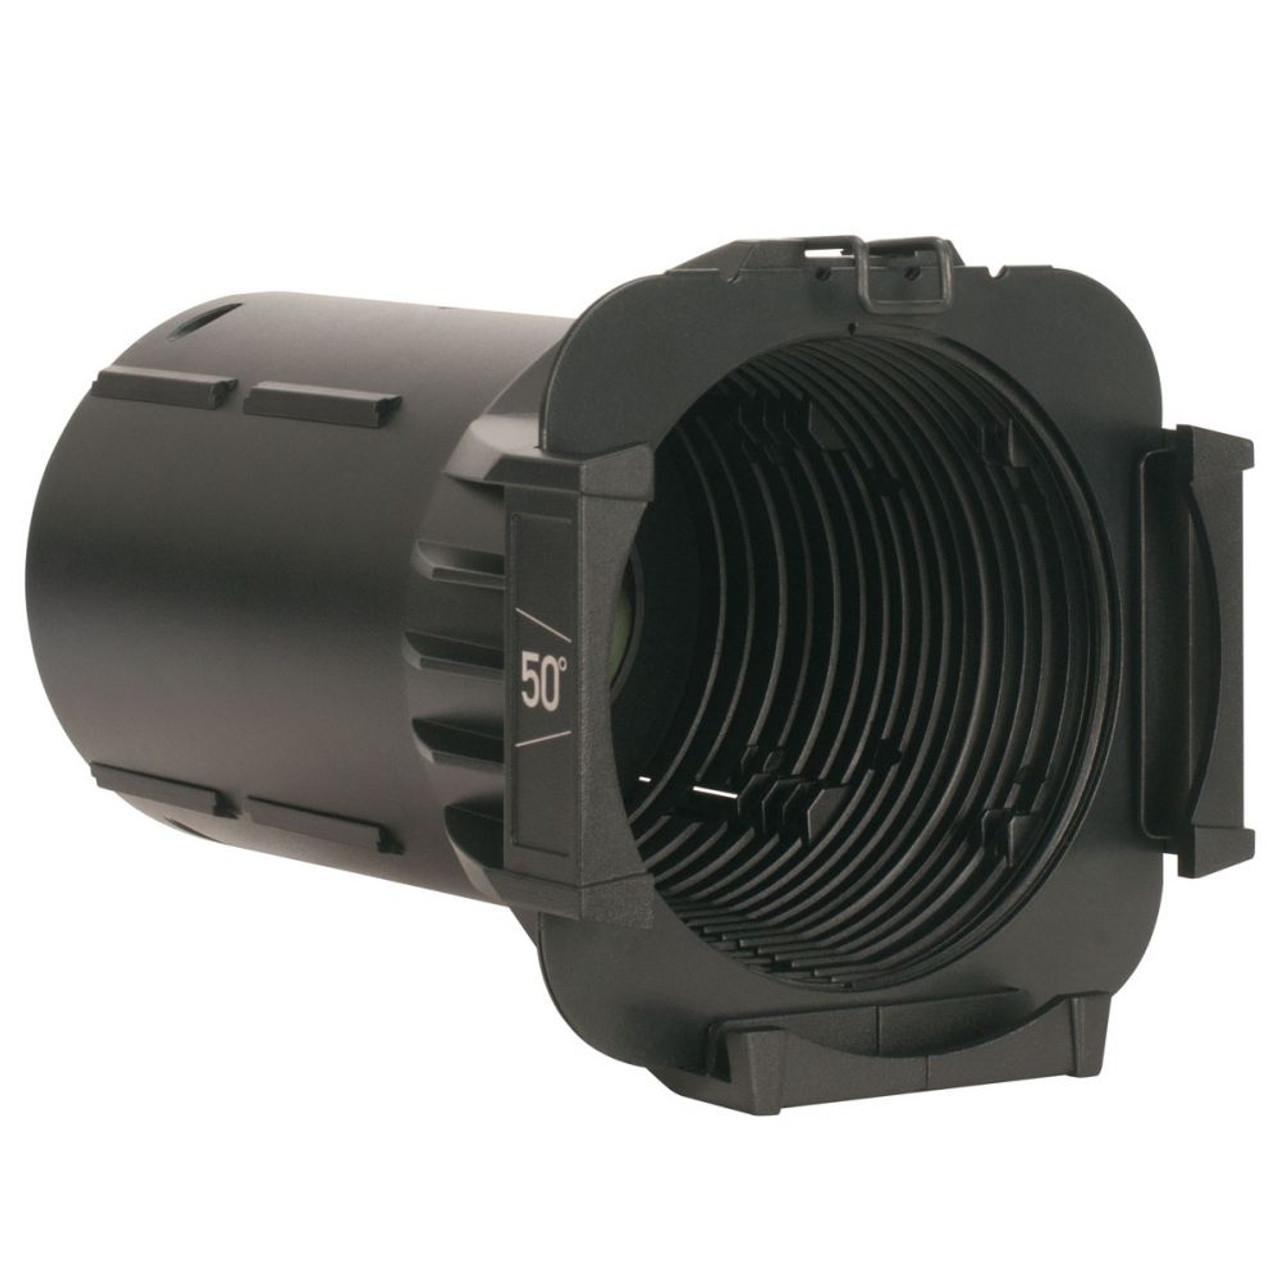 ADJ EP Lens 50